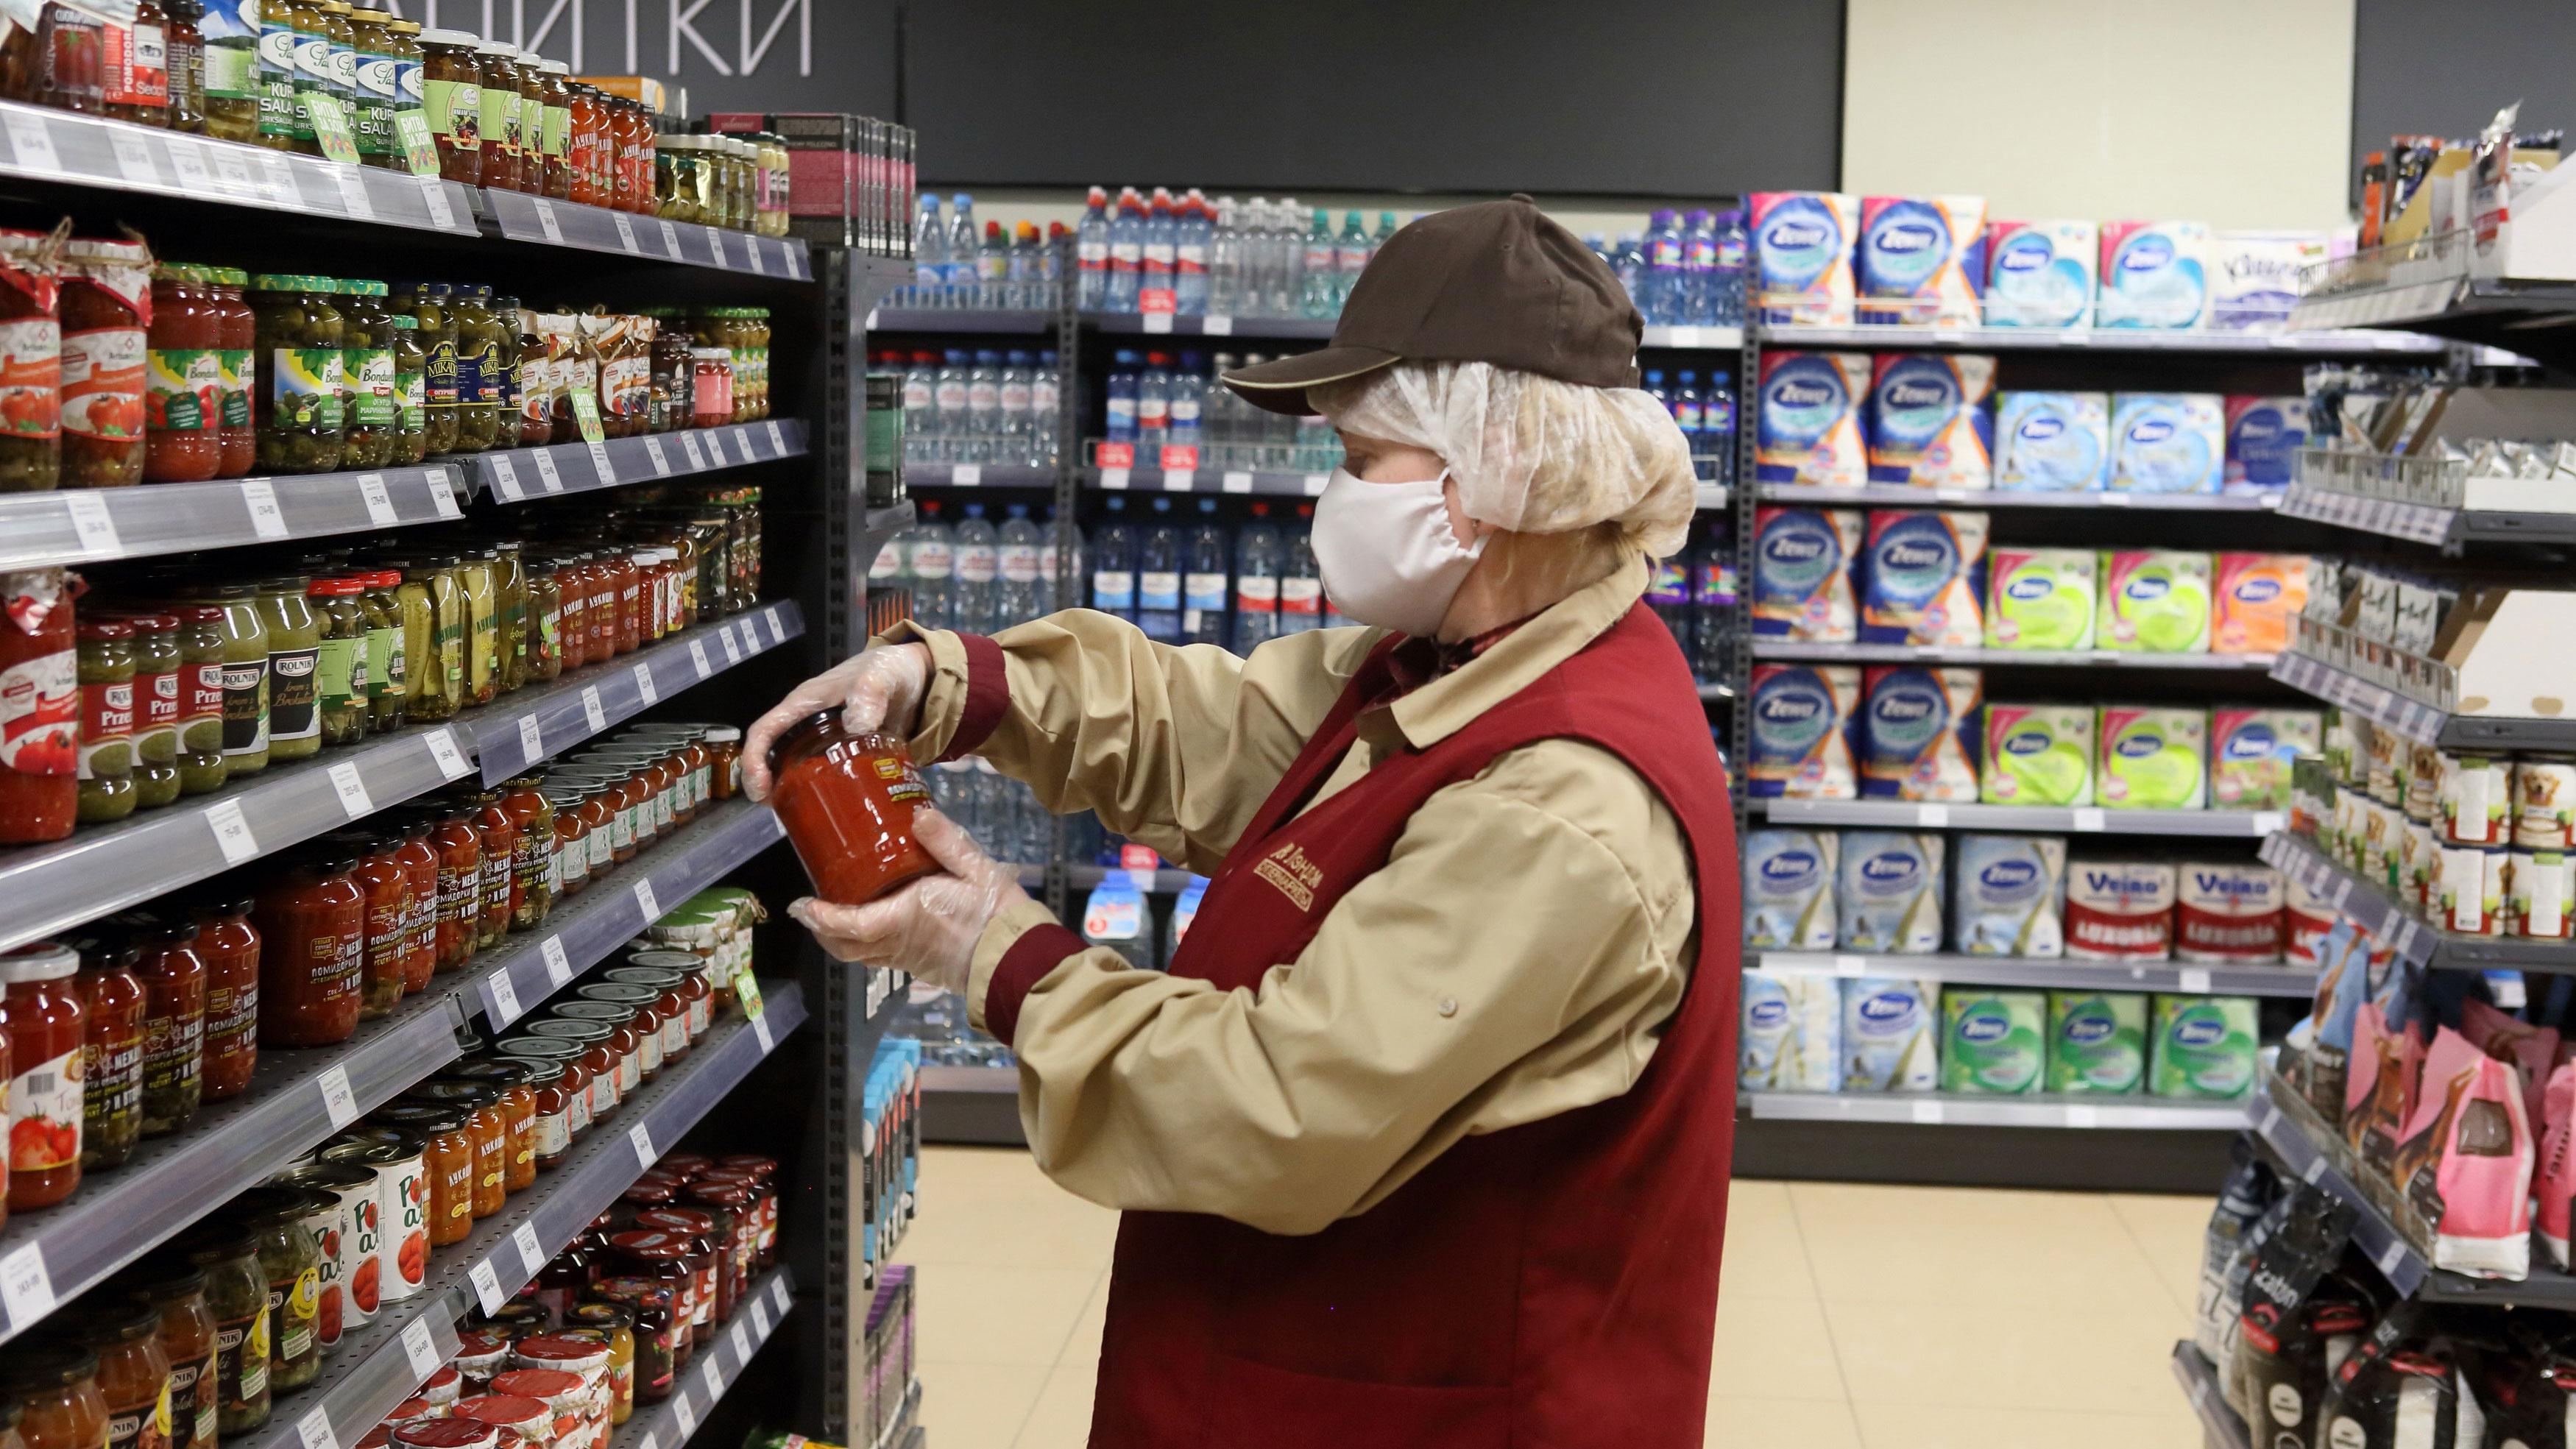 ФАС опровергла информацию о согласовании повышения цен на продукты